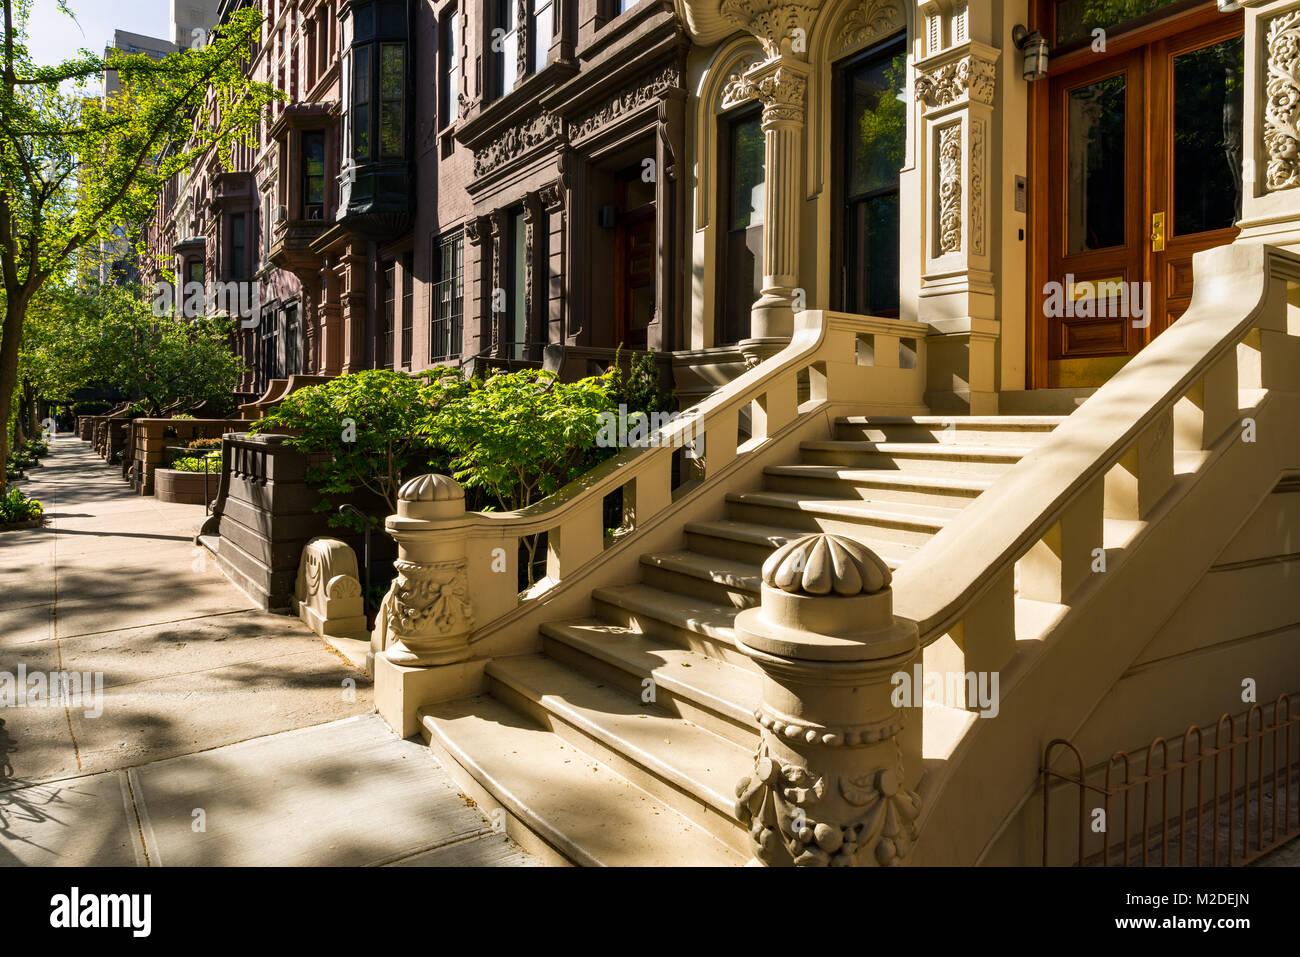 Piedra rojiza con puertas y adornos en la luz de la mañana. Upper West Side Street, Manhattan, Ciudad de Nueva Imagen De Stock